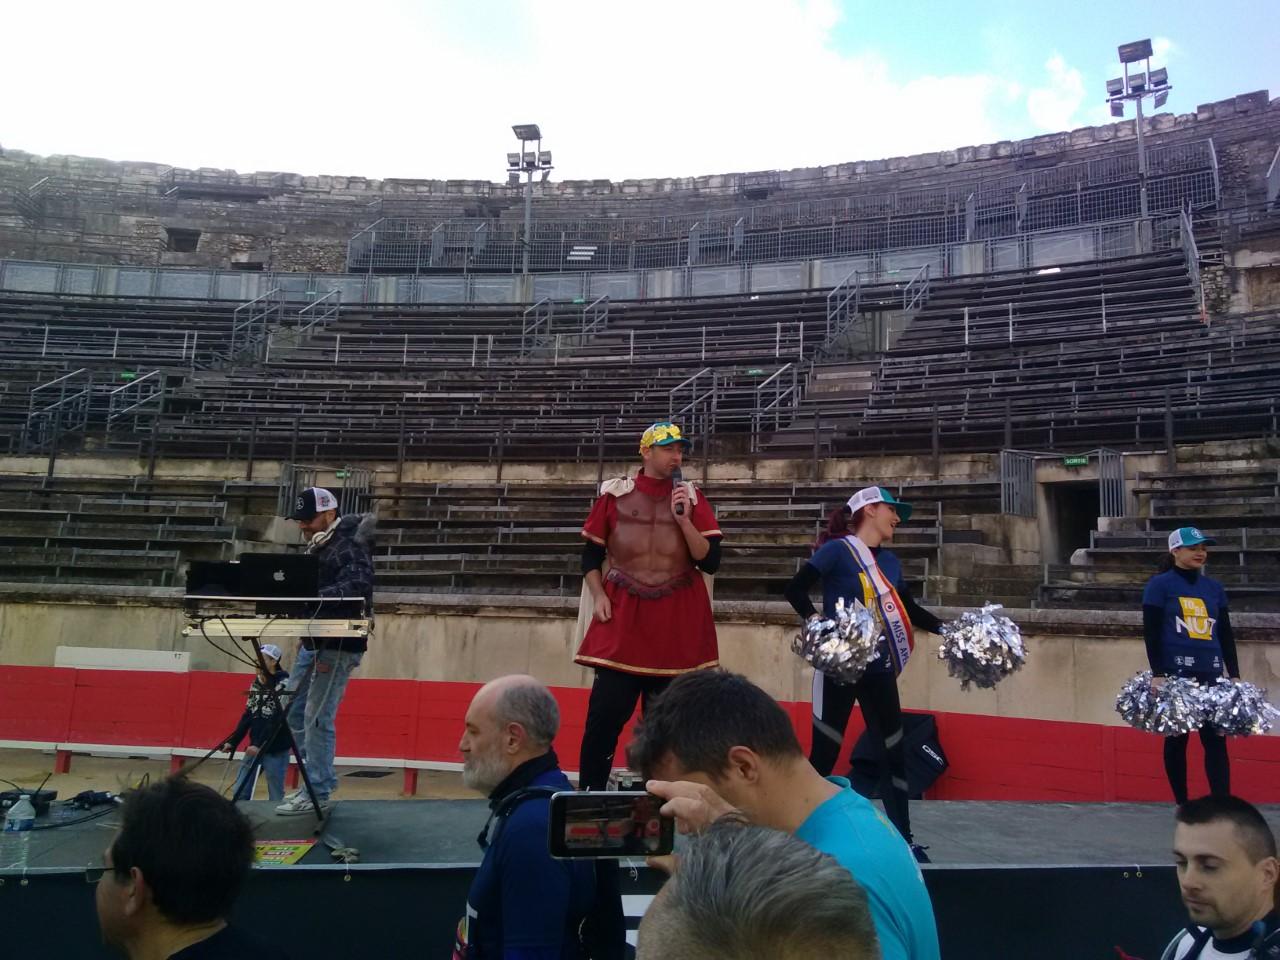 8-Un gladiateur met l'ambiance dans les arènes